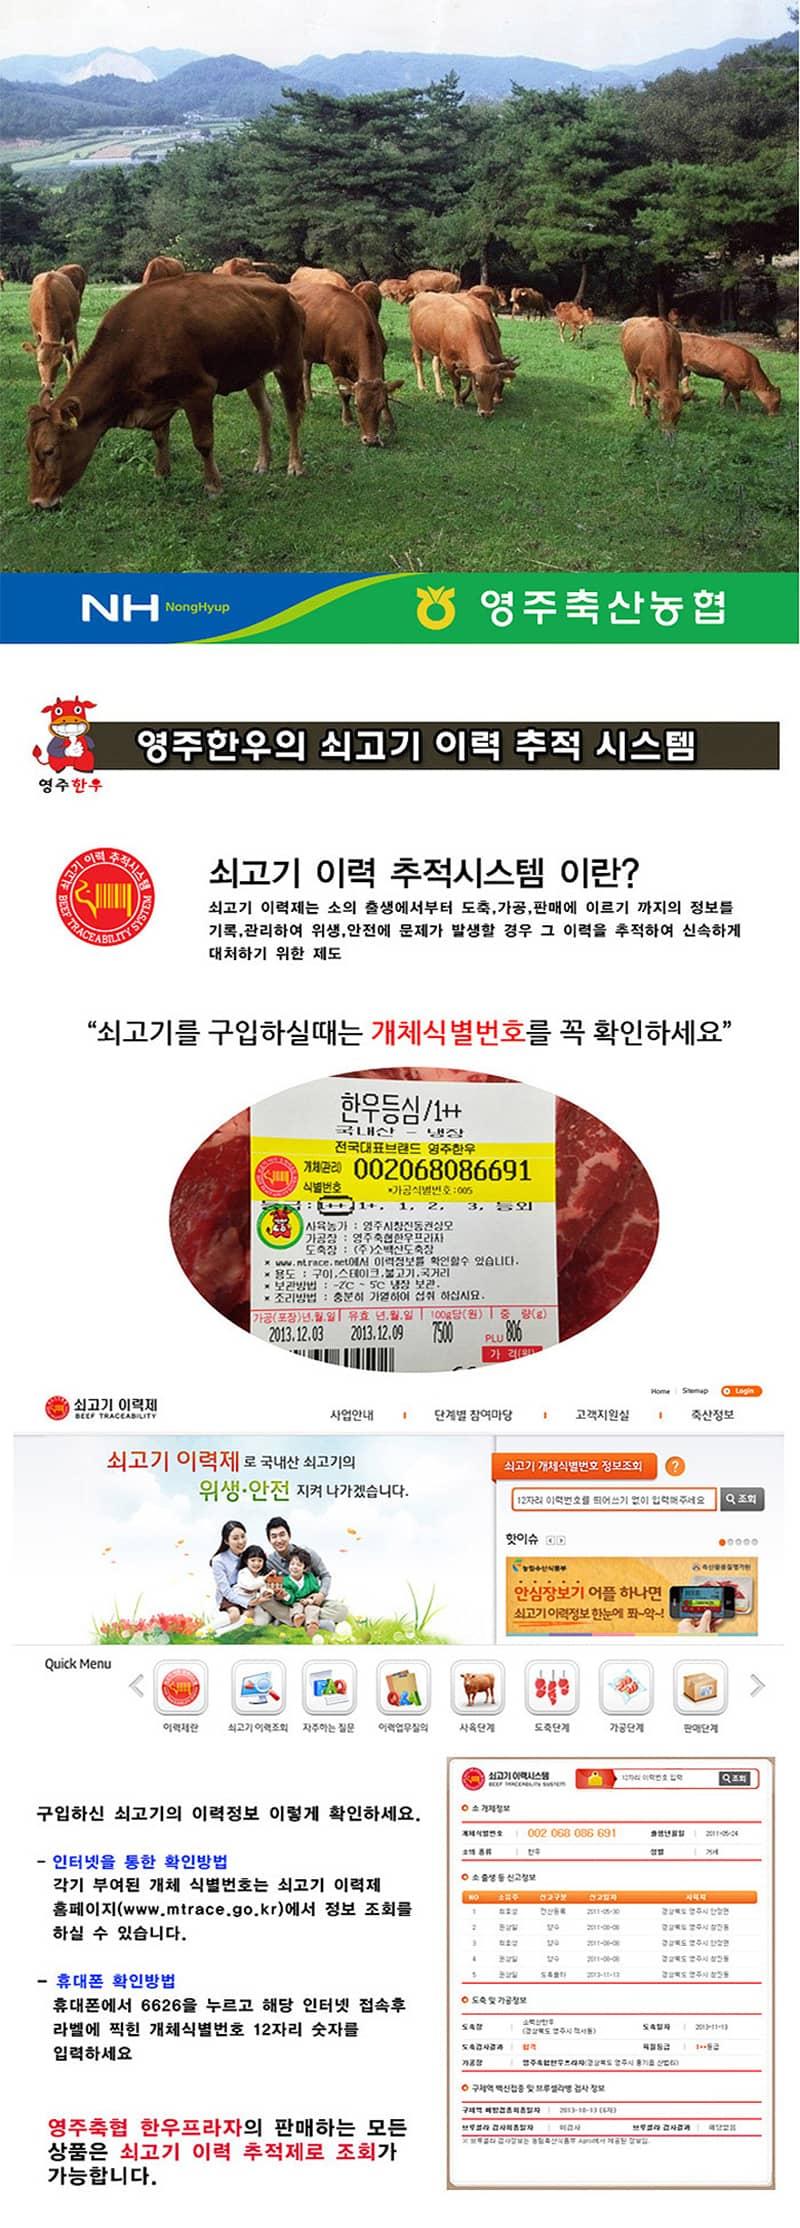 yeongjuchughyeob-yeongju_hanu_teugseon_4ho_detail_800_4.jpg